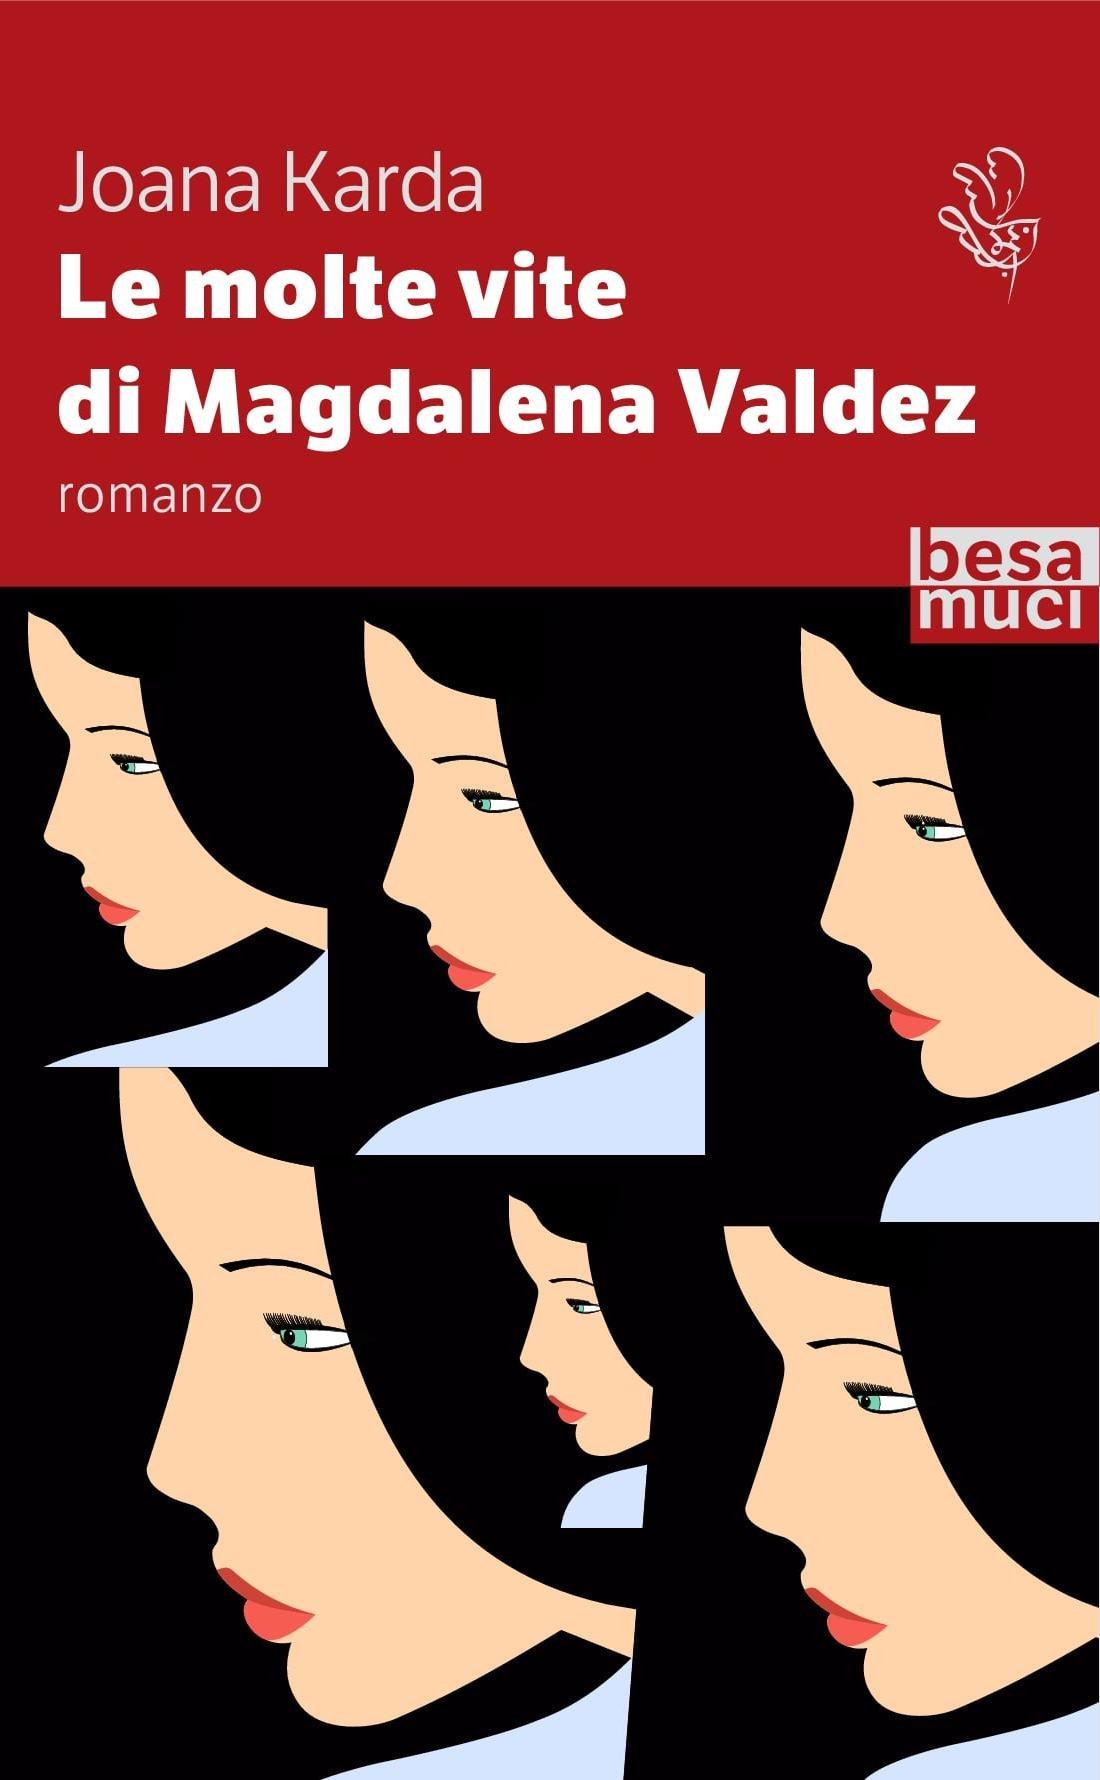 Le molte vite di Magdalena Valdez